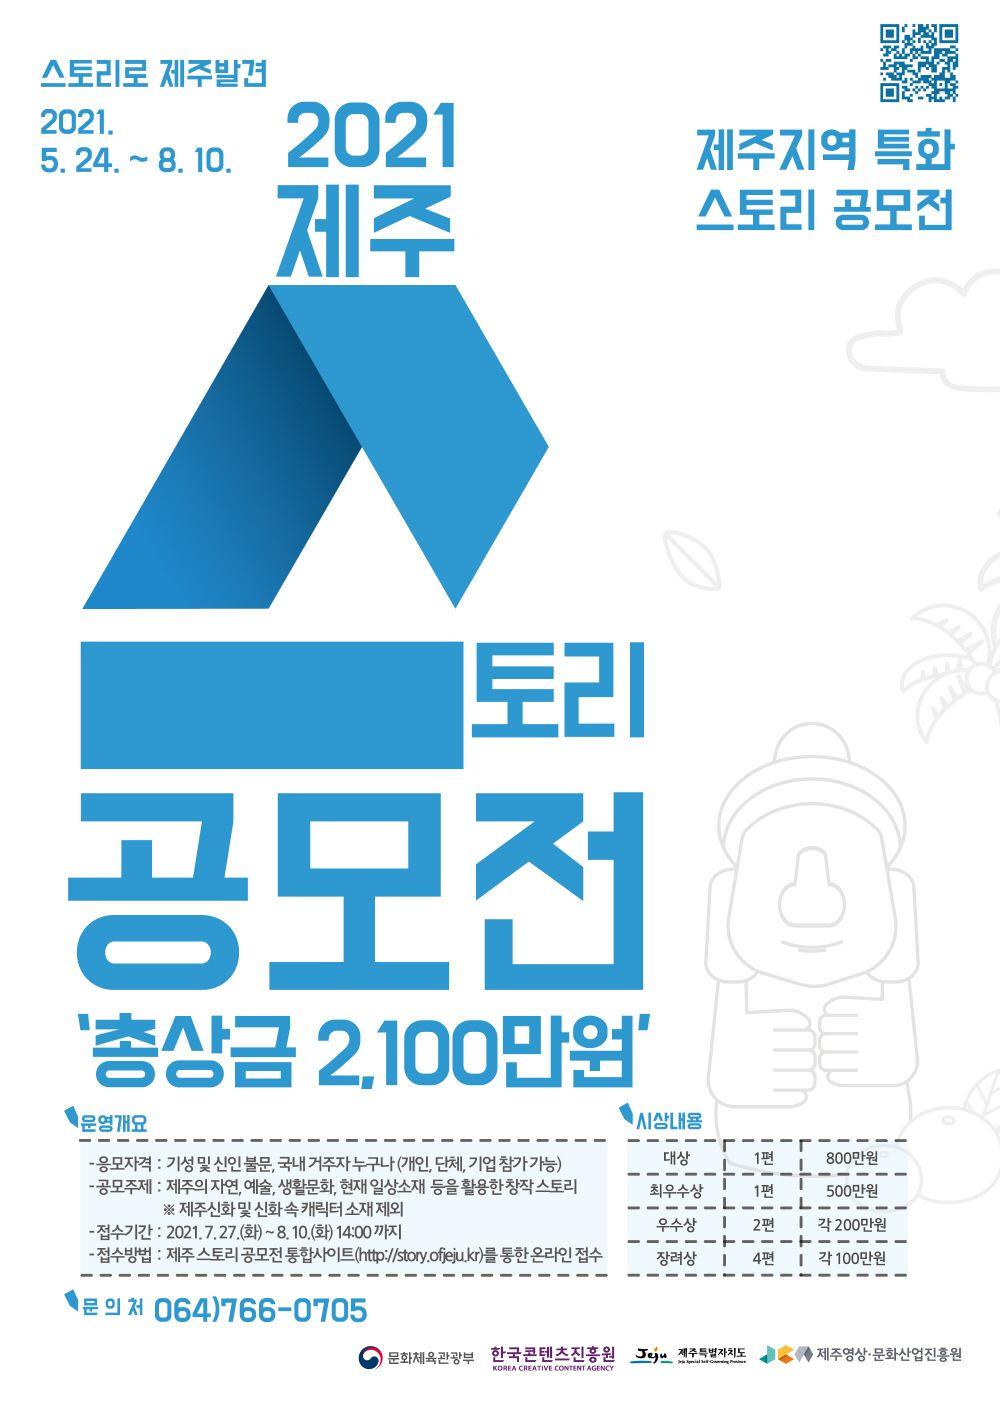 제주영상·문화산업진흥원  <제주지역 특화 스토리 공모전>